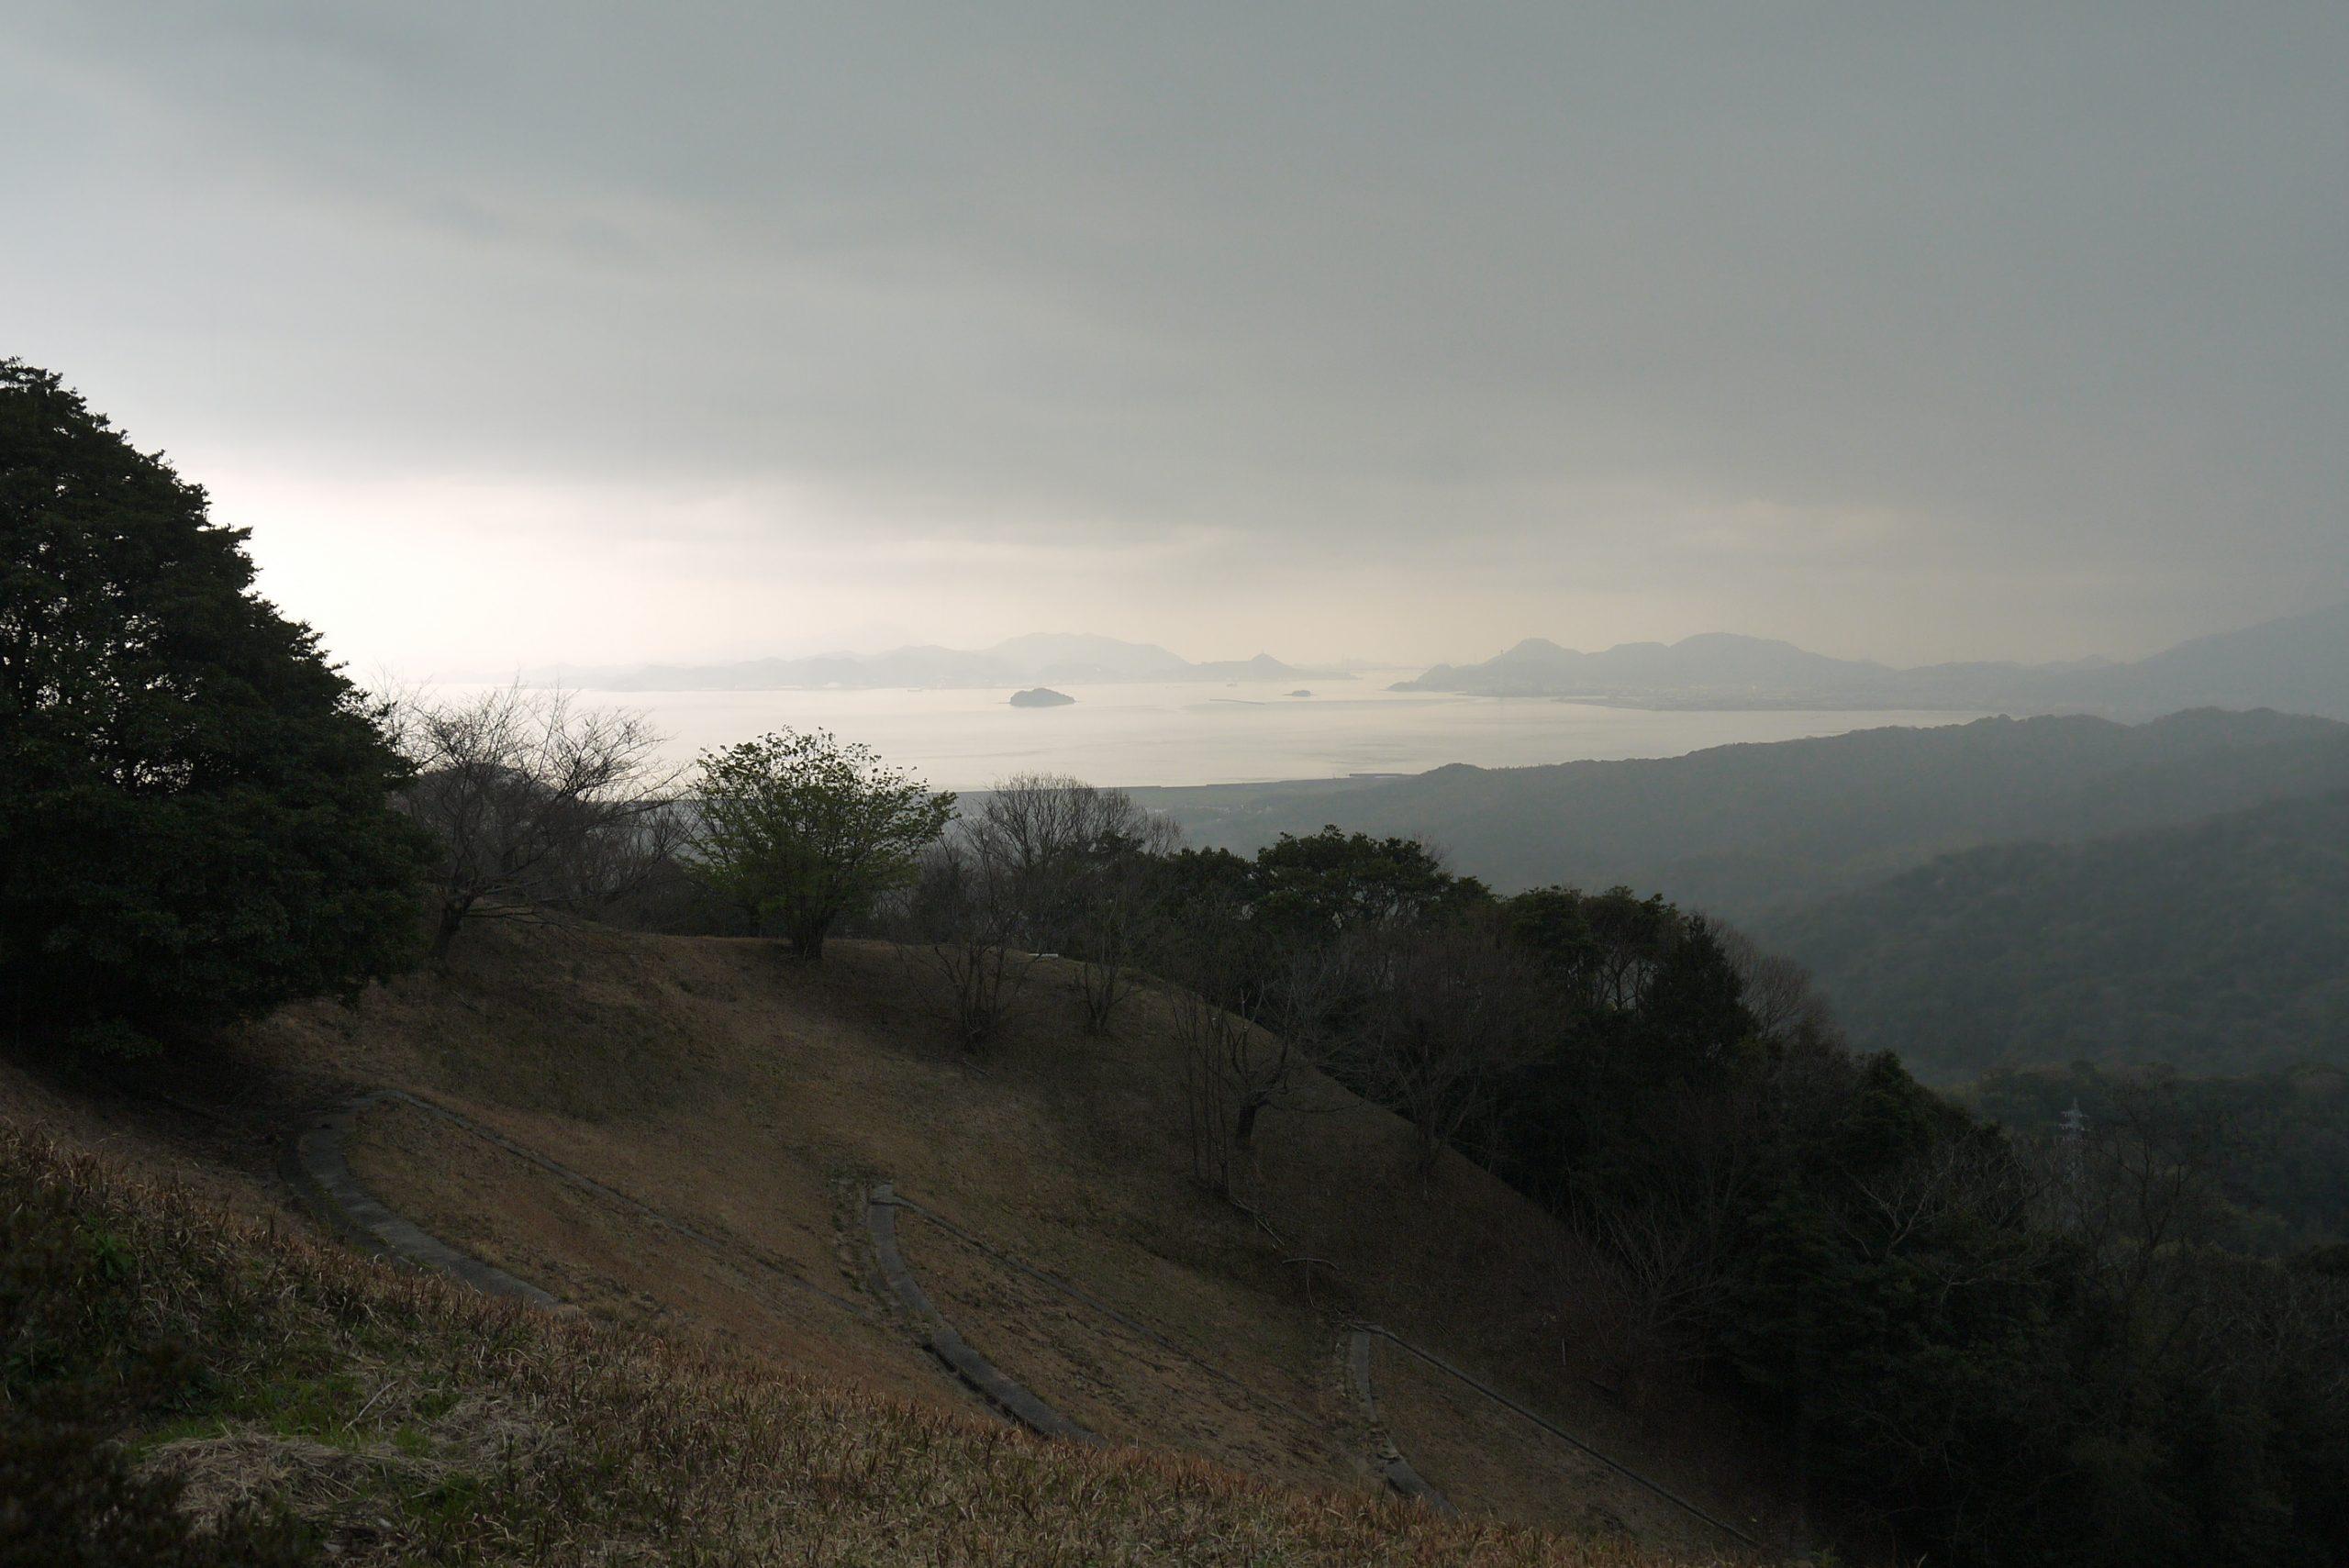 石山公園で土砂降り